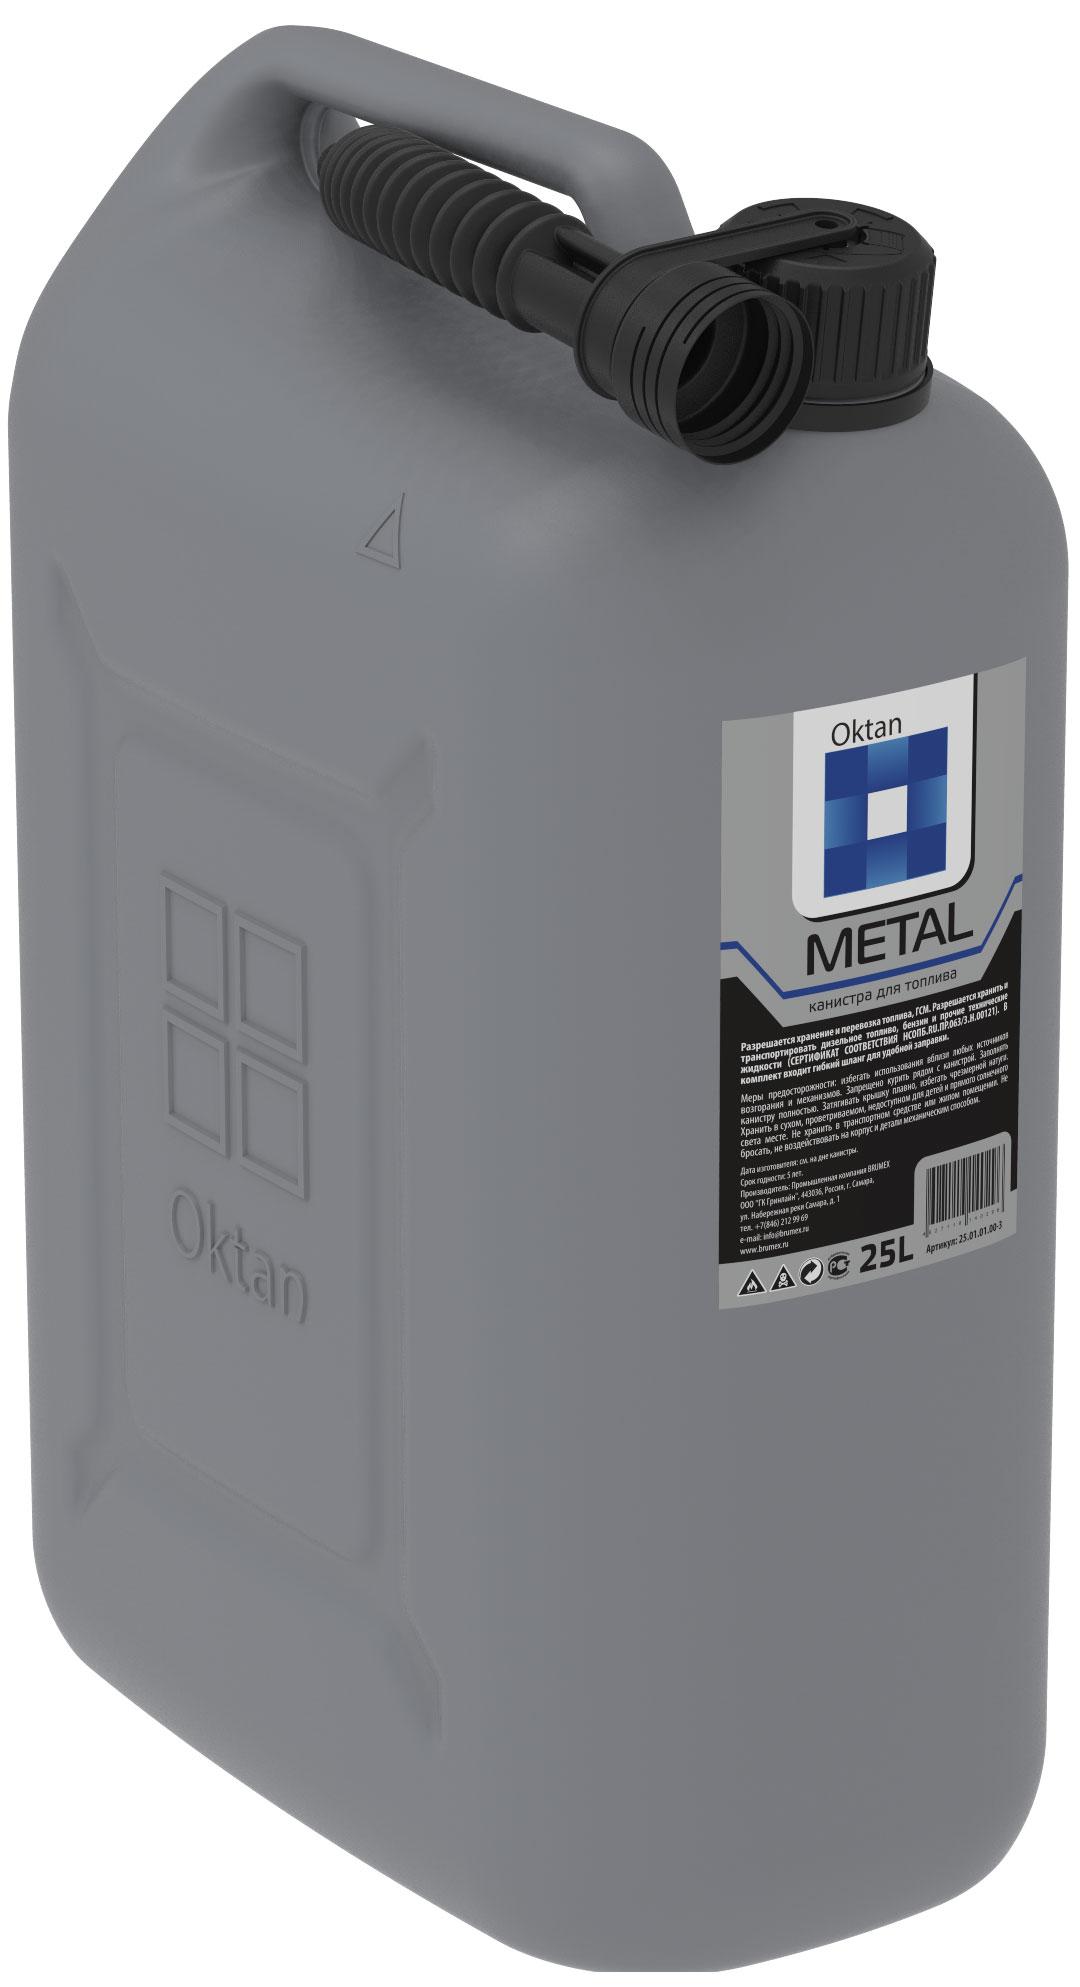 Канистра пластиковая OKTAN Metal, для ГСМ, 25 лGC204/30Канистра пластиковая OKTAN Metal для бензина и масла не накапливает статистический заряд и сертифицирована в соответствии с законом о пожарной безопасности РФ.Канистра производится на современном российском предприятии из первичного сырья. Объем: 25 л.